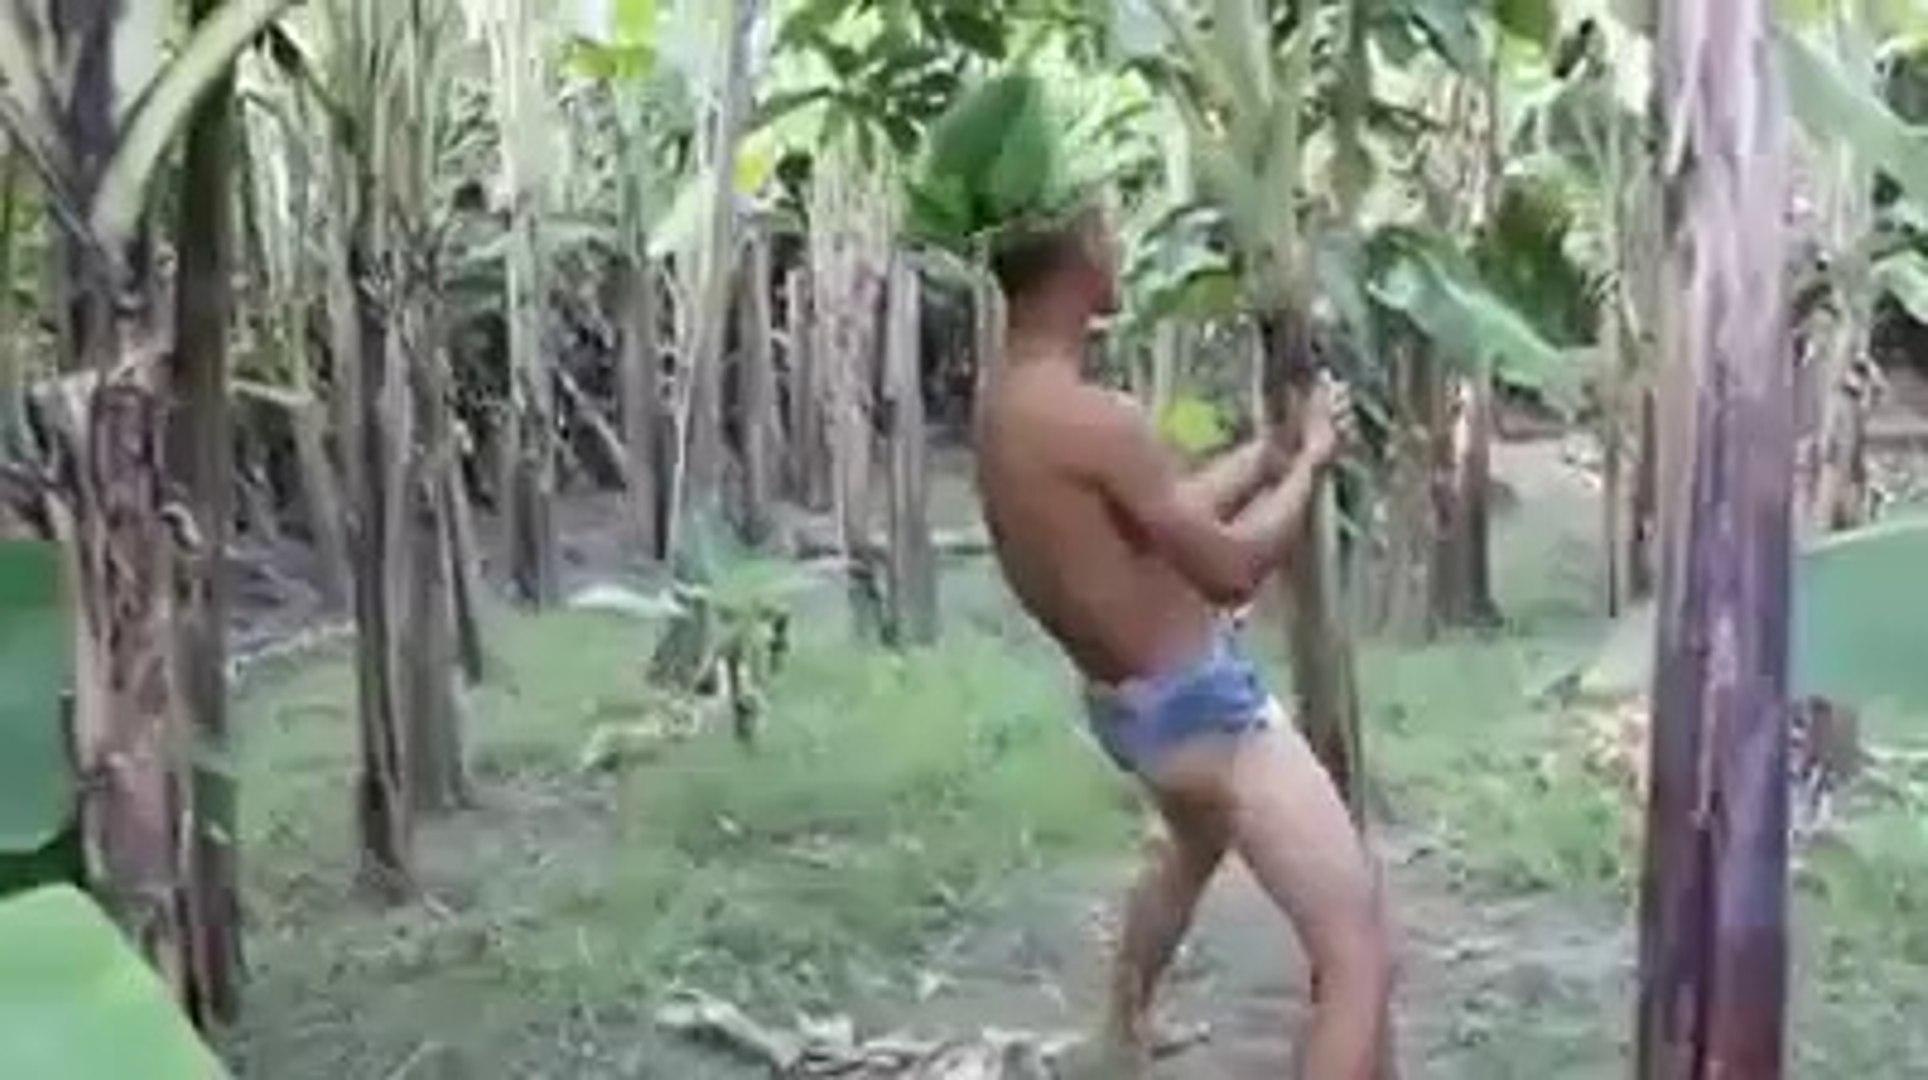 Lucu Atau Bodoh Jo Heboh Sampe Manjat Pohon Bikin Ngakak